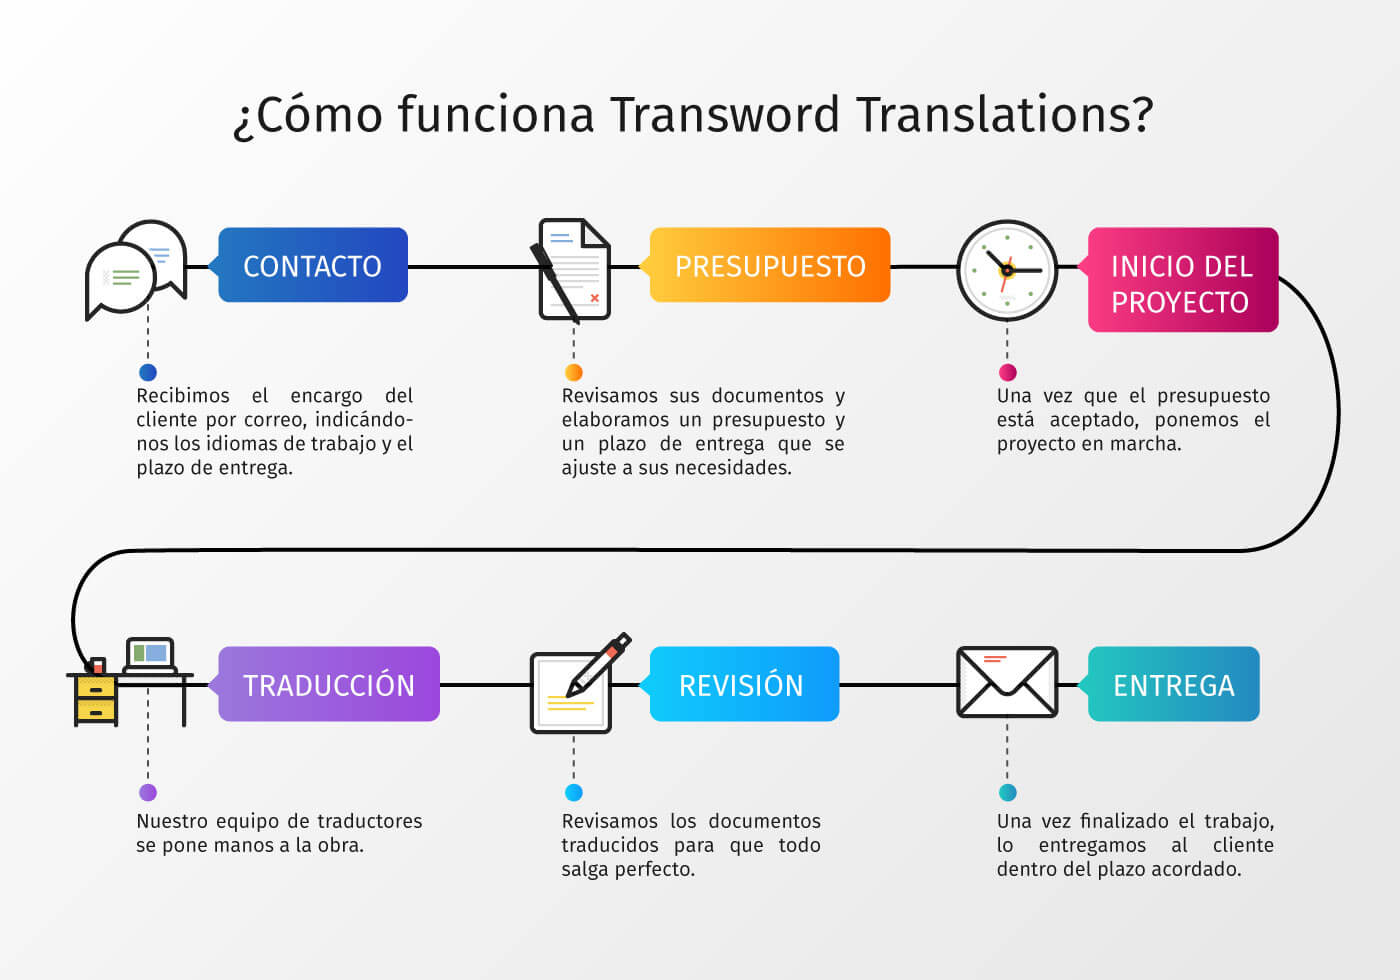 Como funicionamos en Transword Translations